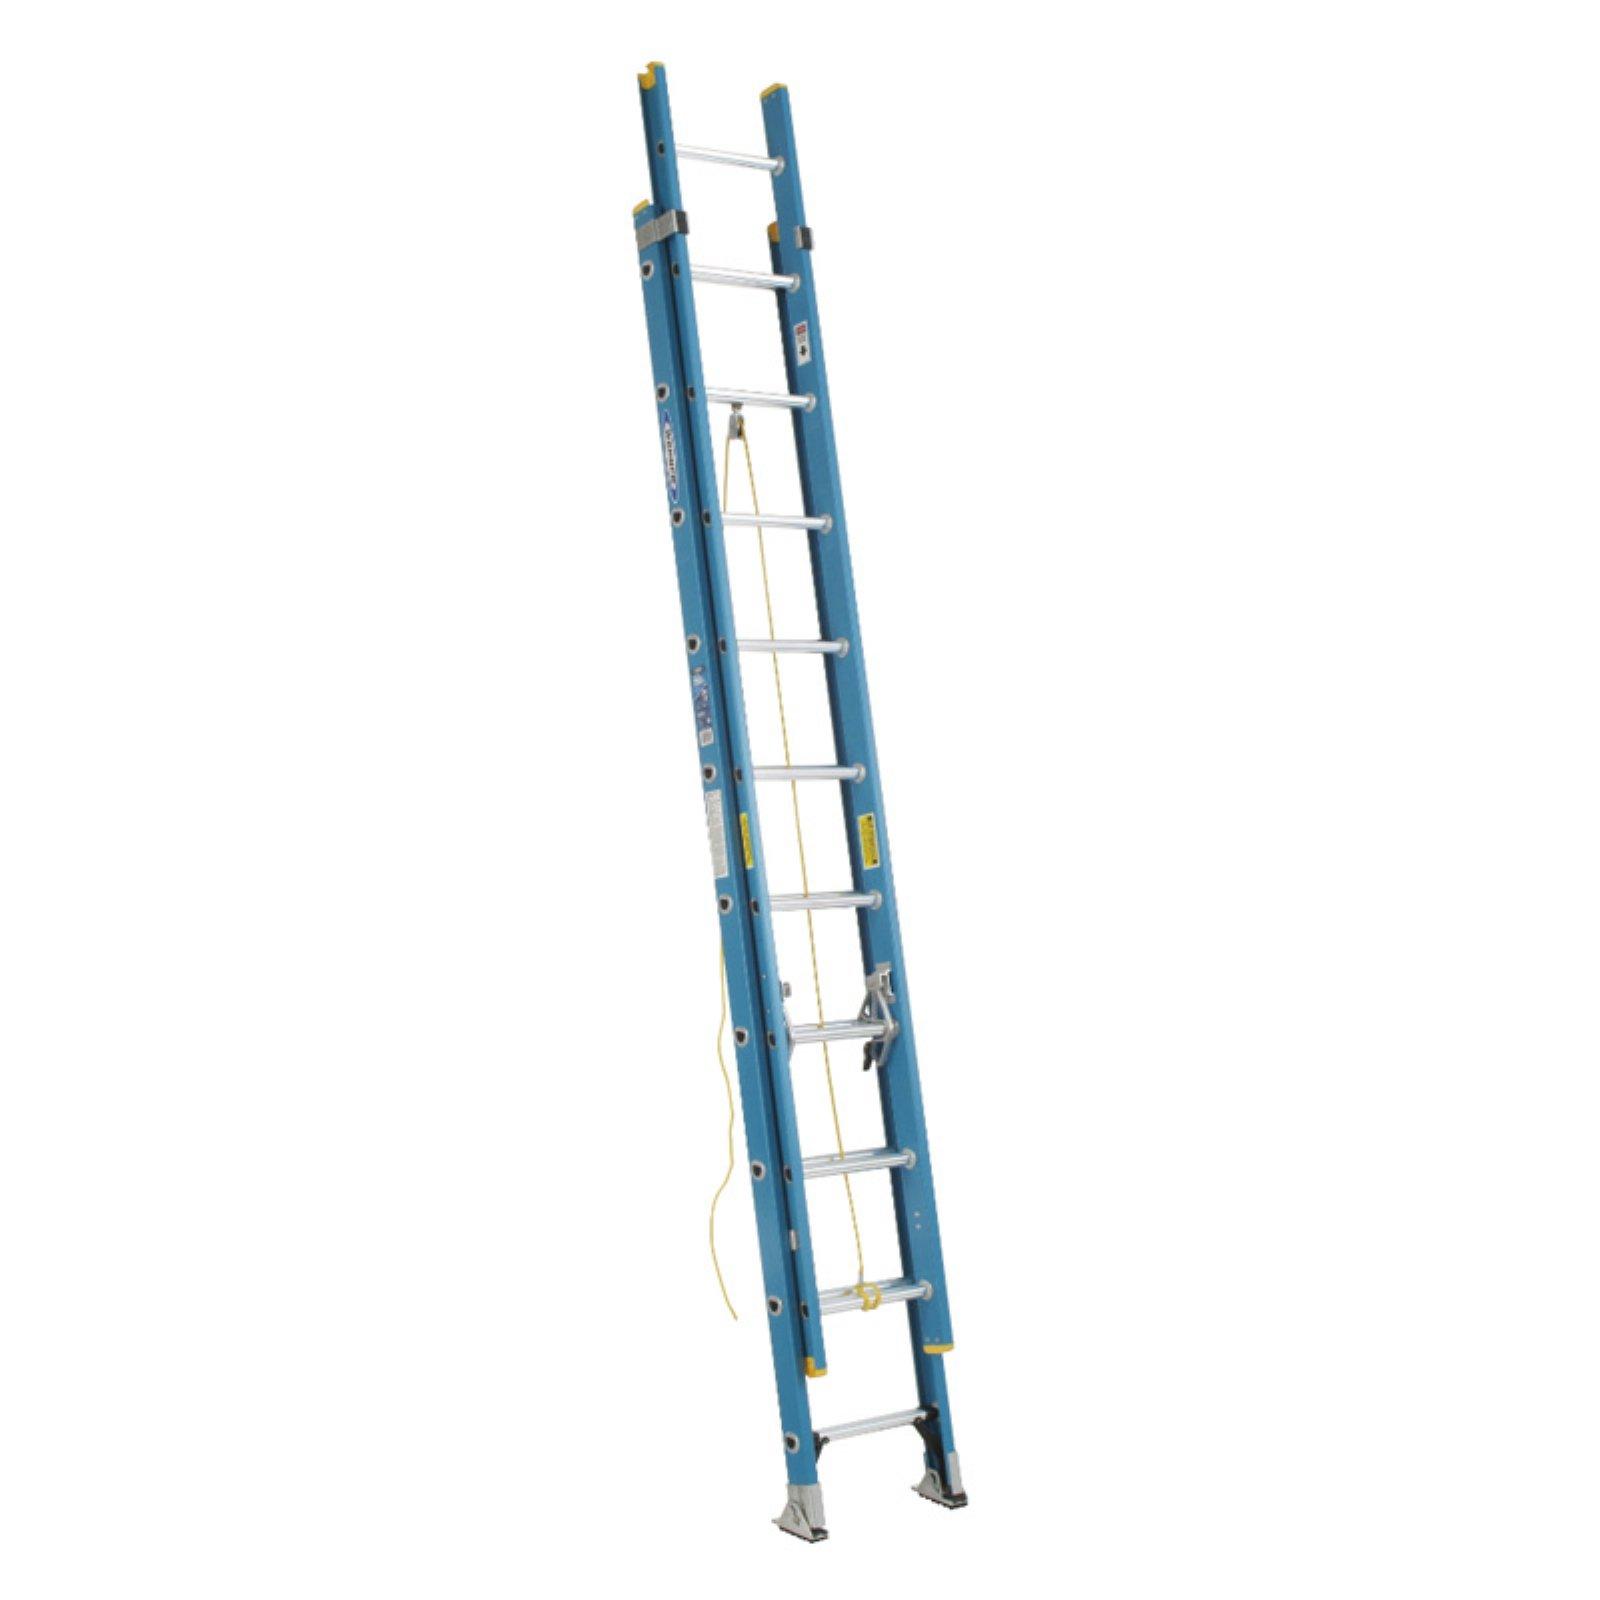 Werner D6020 2 20 Ft Fiberglass Extension Ladder Fiberglass Extensions